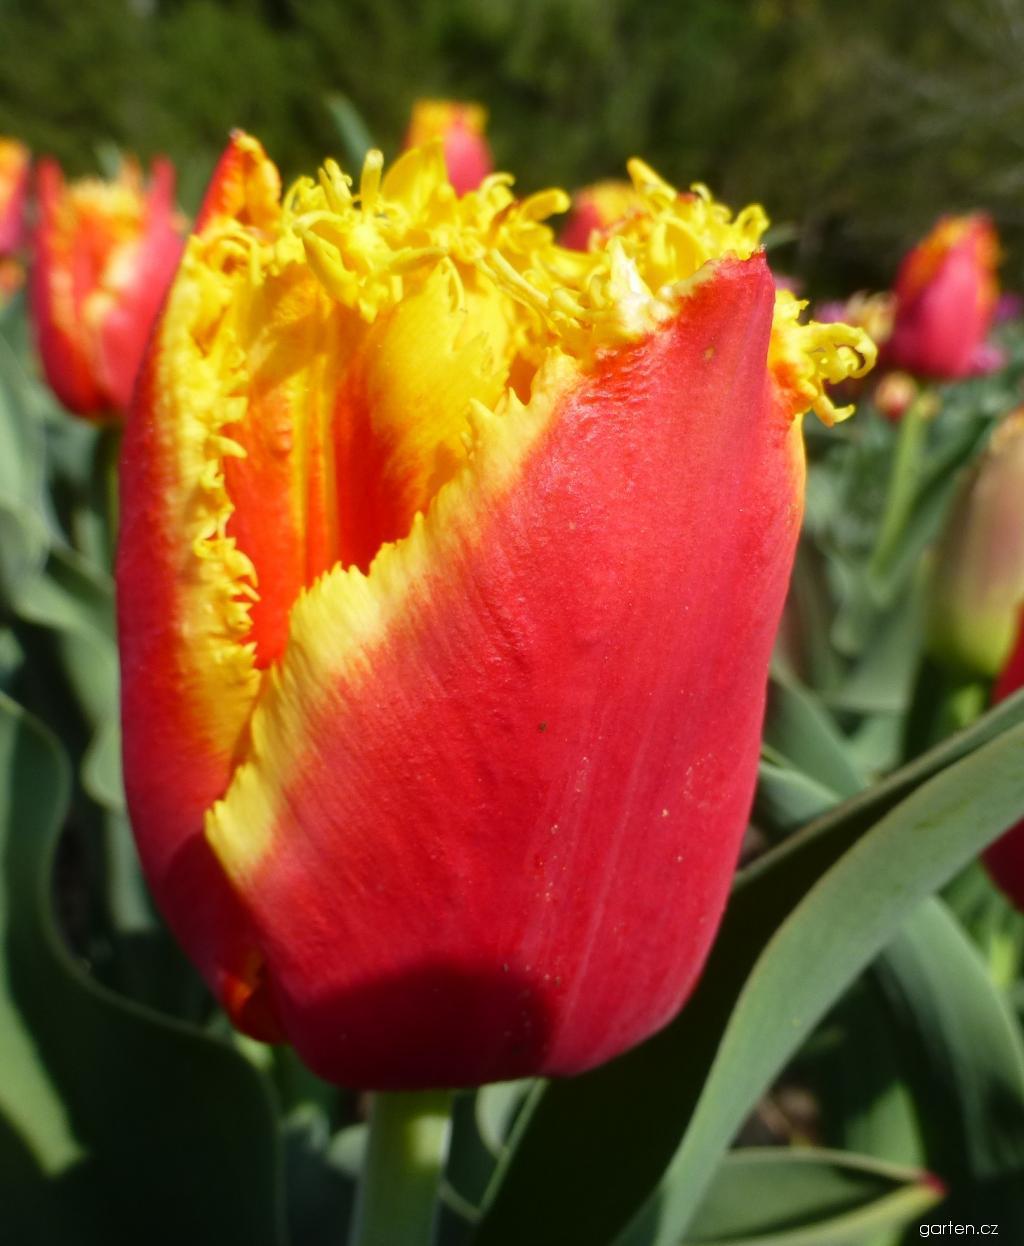 Tulipán Davenport - Třepenité tulipány (Tulipa x hybrida)